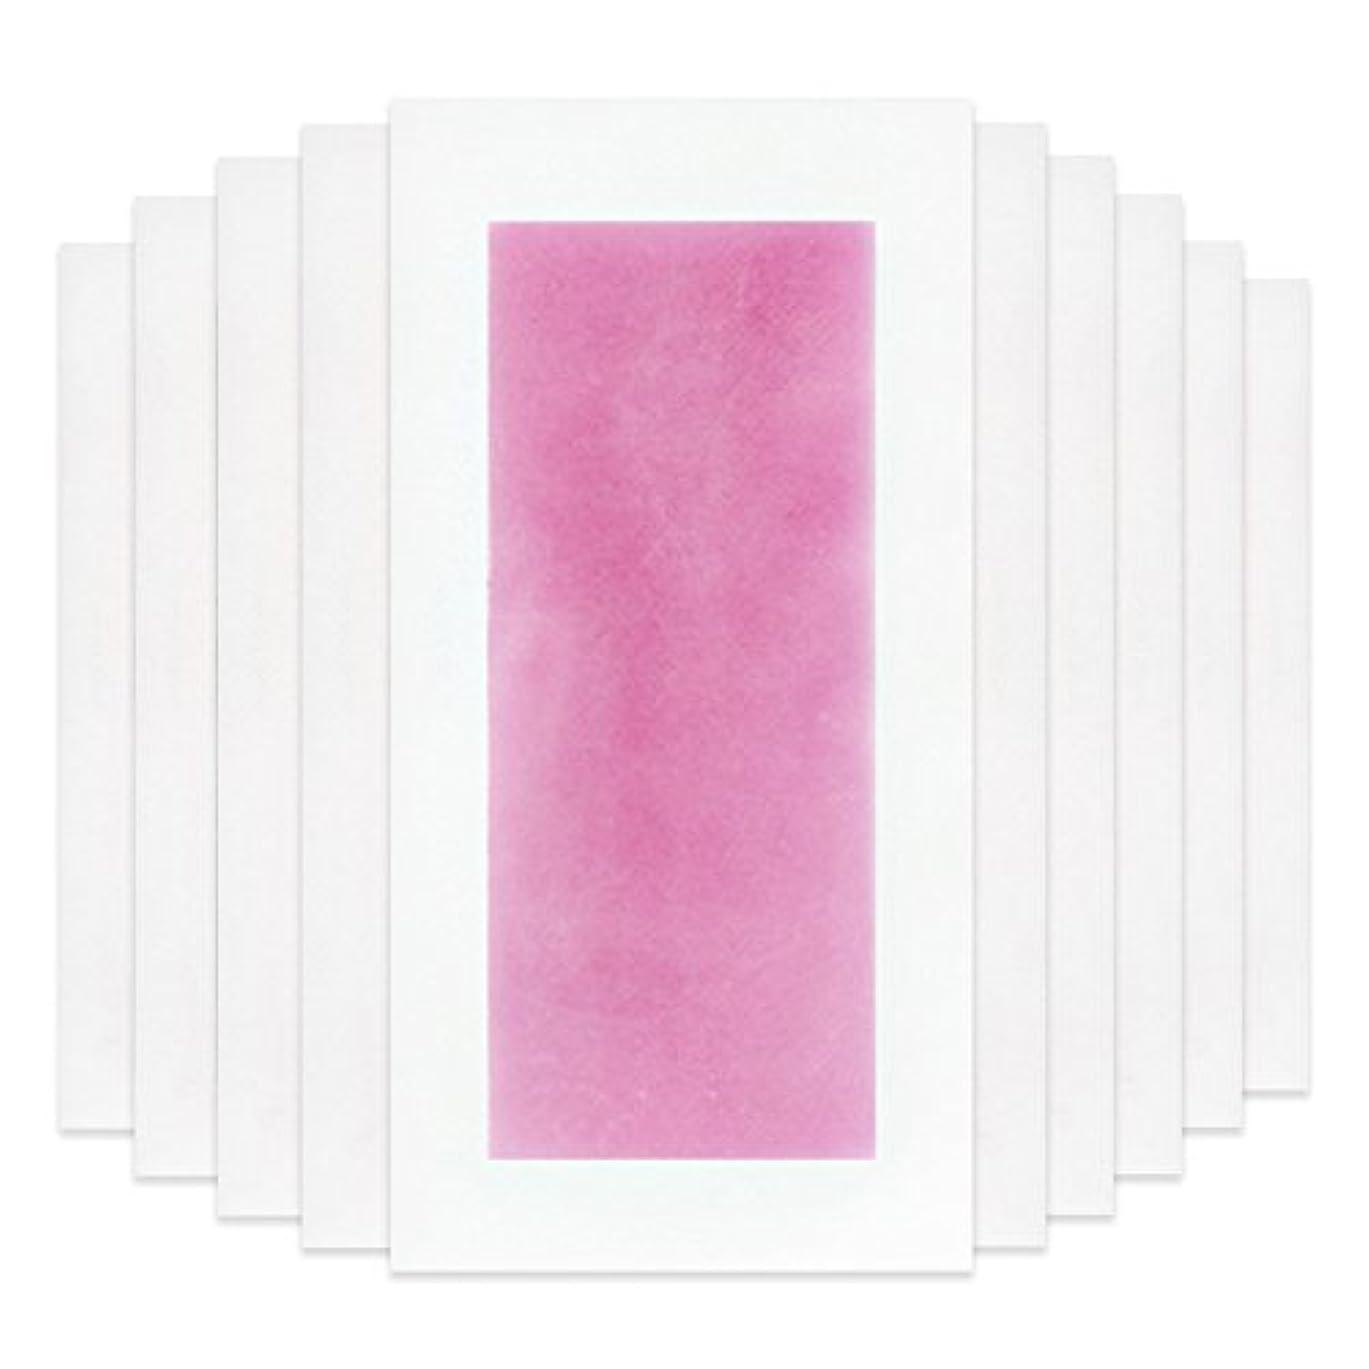 Rabugoo セクシー 脚の身体の顔のための10個のプロフェッショナルな夏の脱毛ダブルサイドコールドワックスストリップ紙 Pink